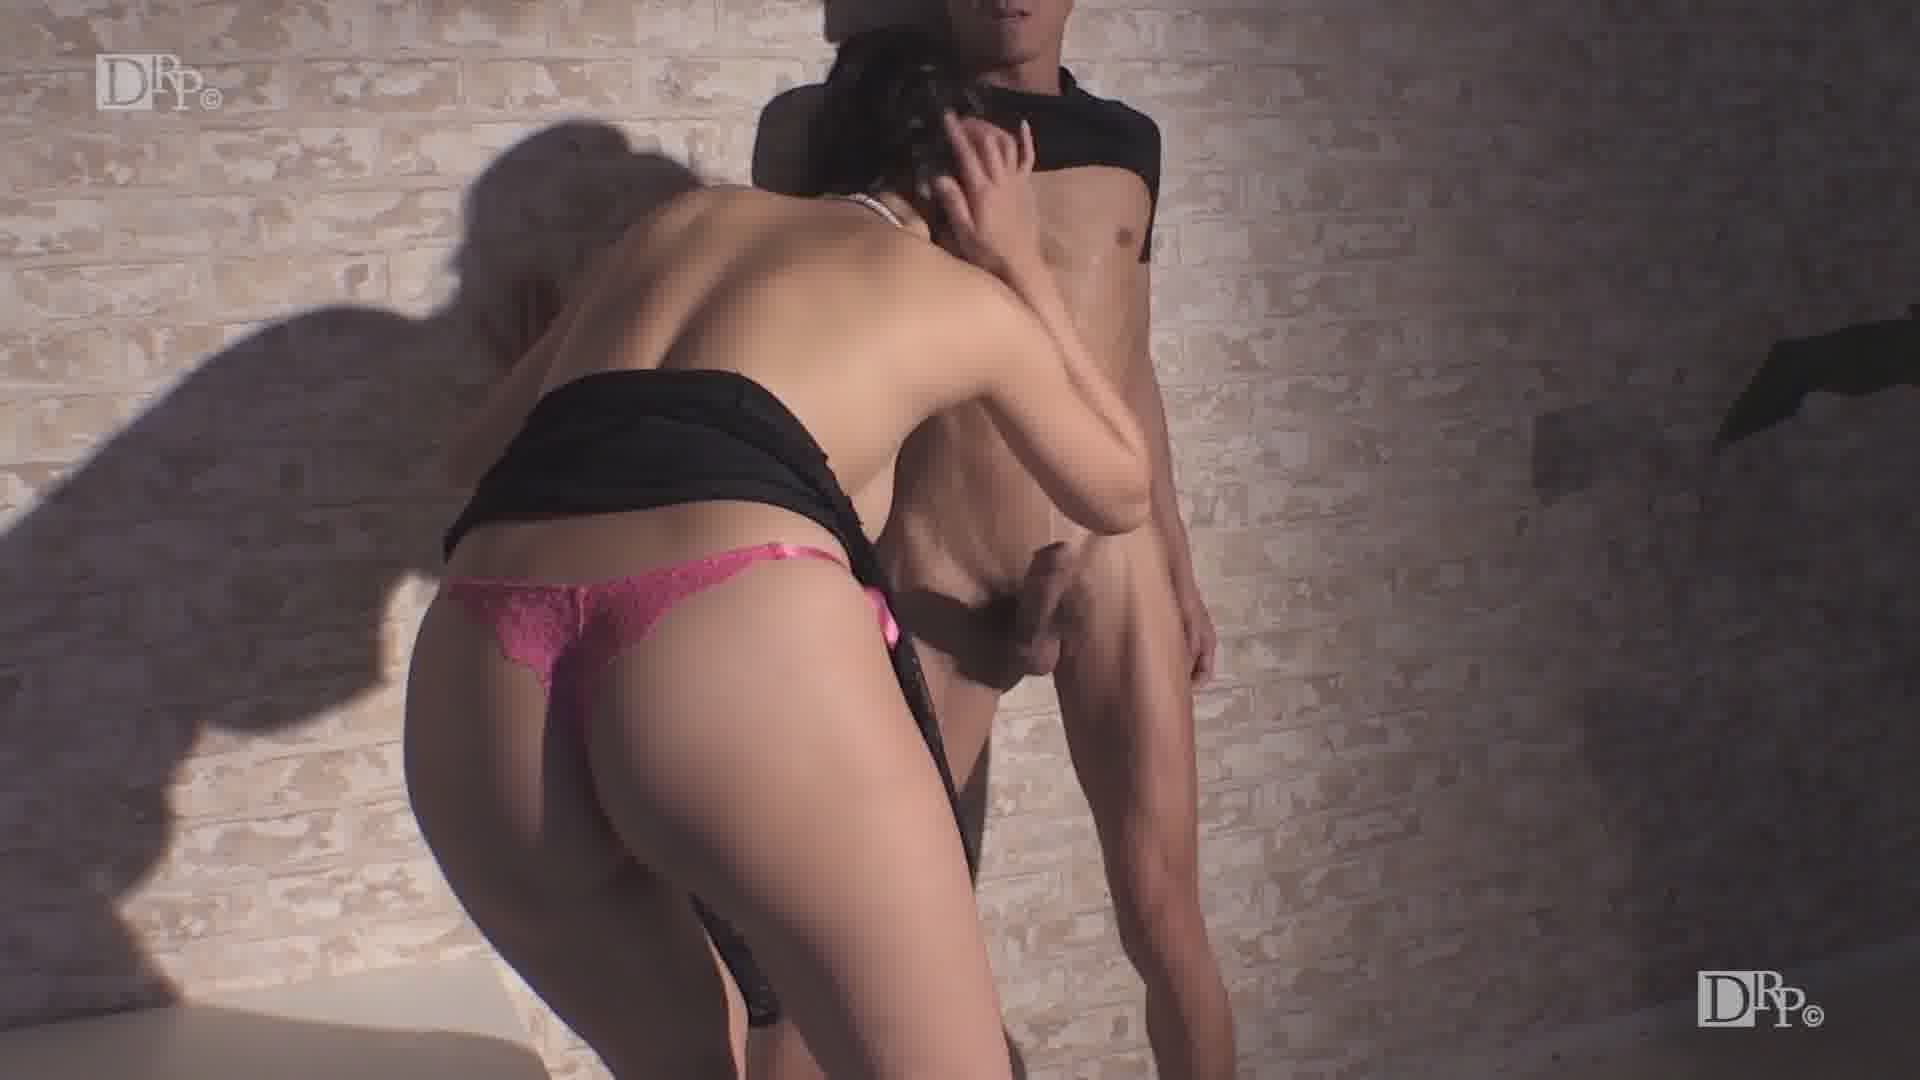 肉厚プルプルな美尻を抱きしめたい - 小早川怜子【巨乳・美尻・中出し】